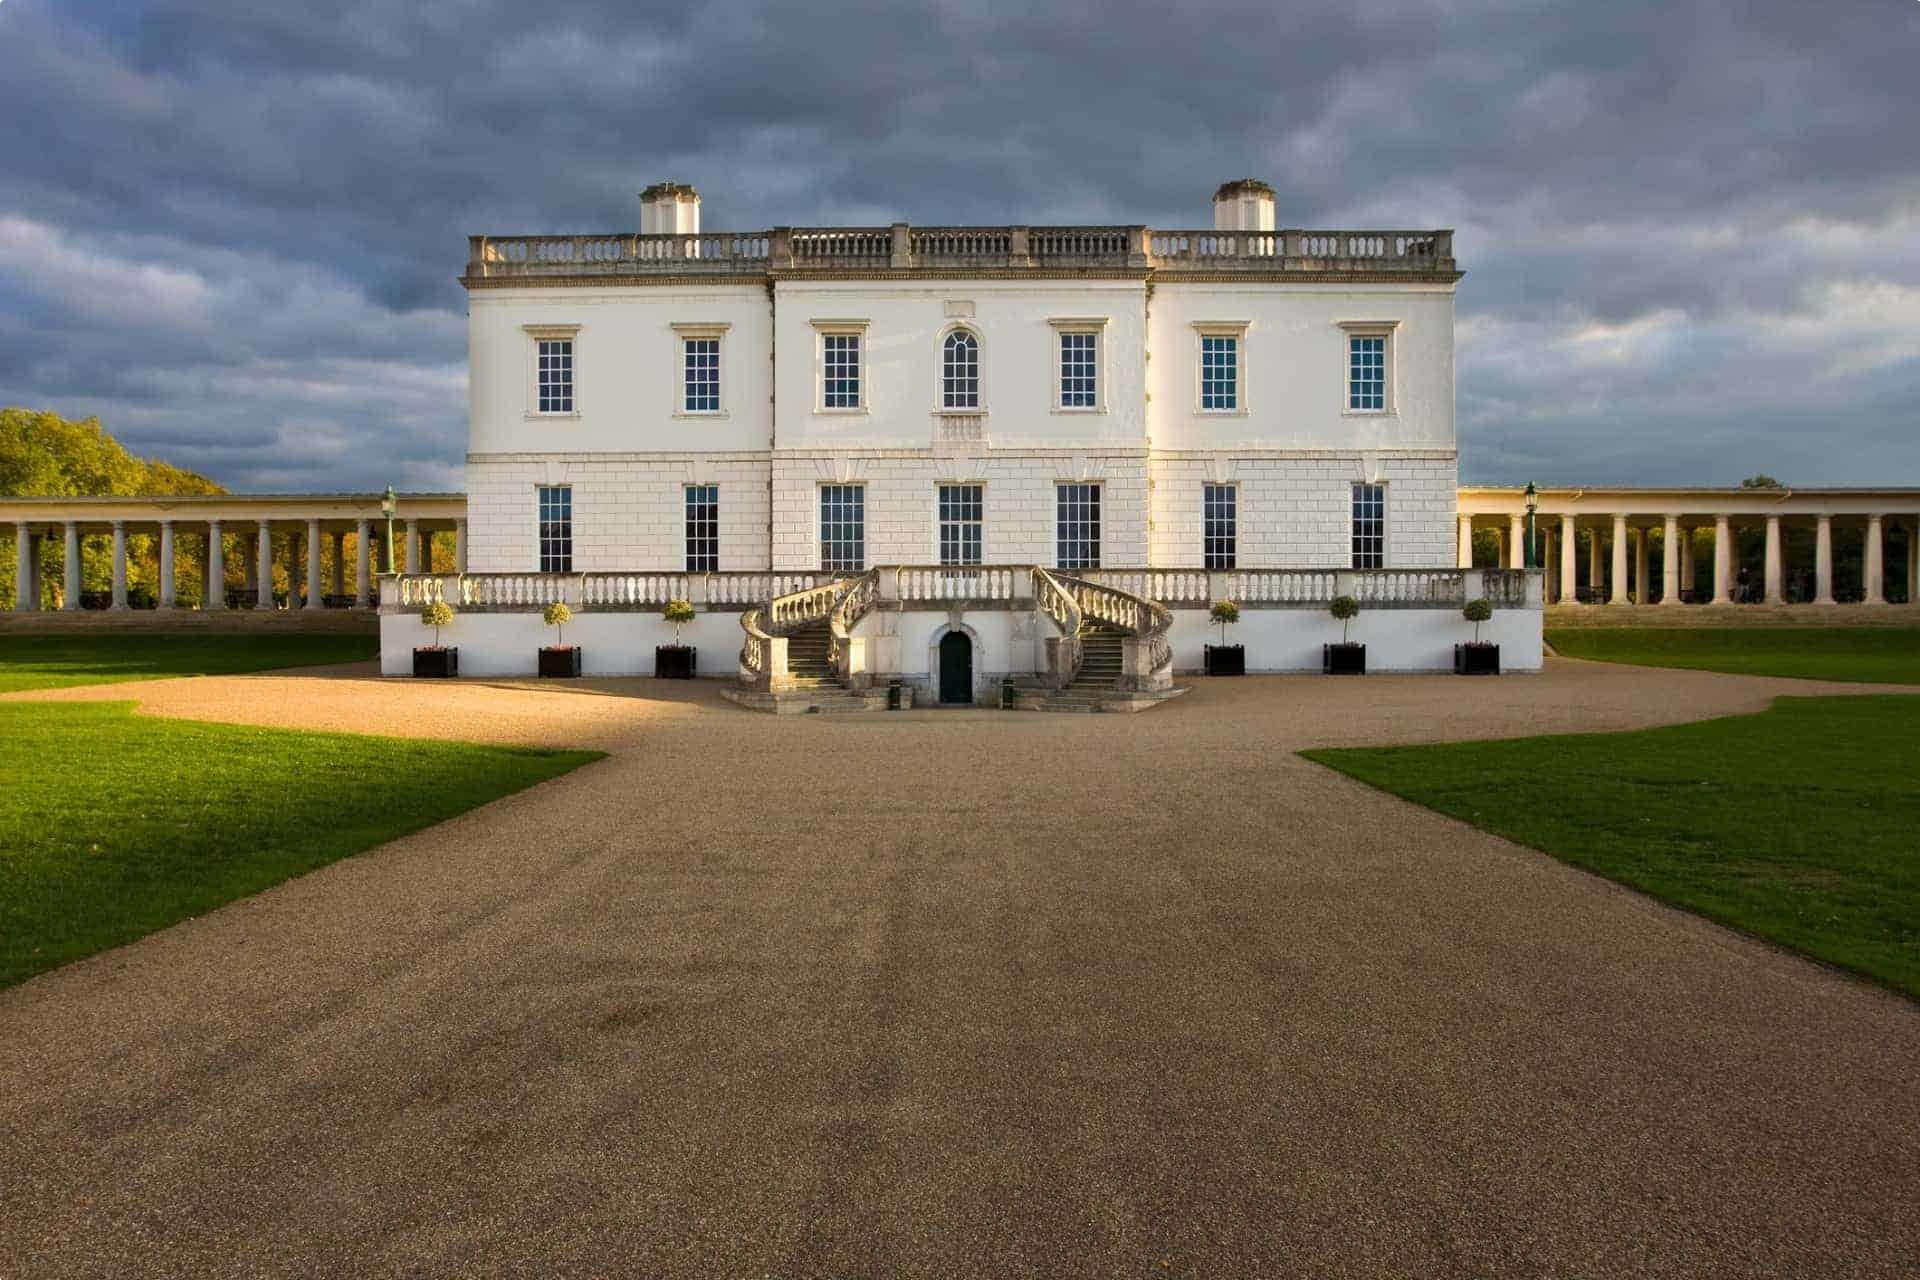 Queen's House in Greenwich, London